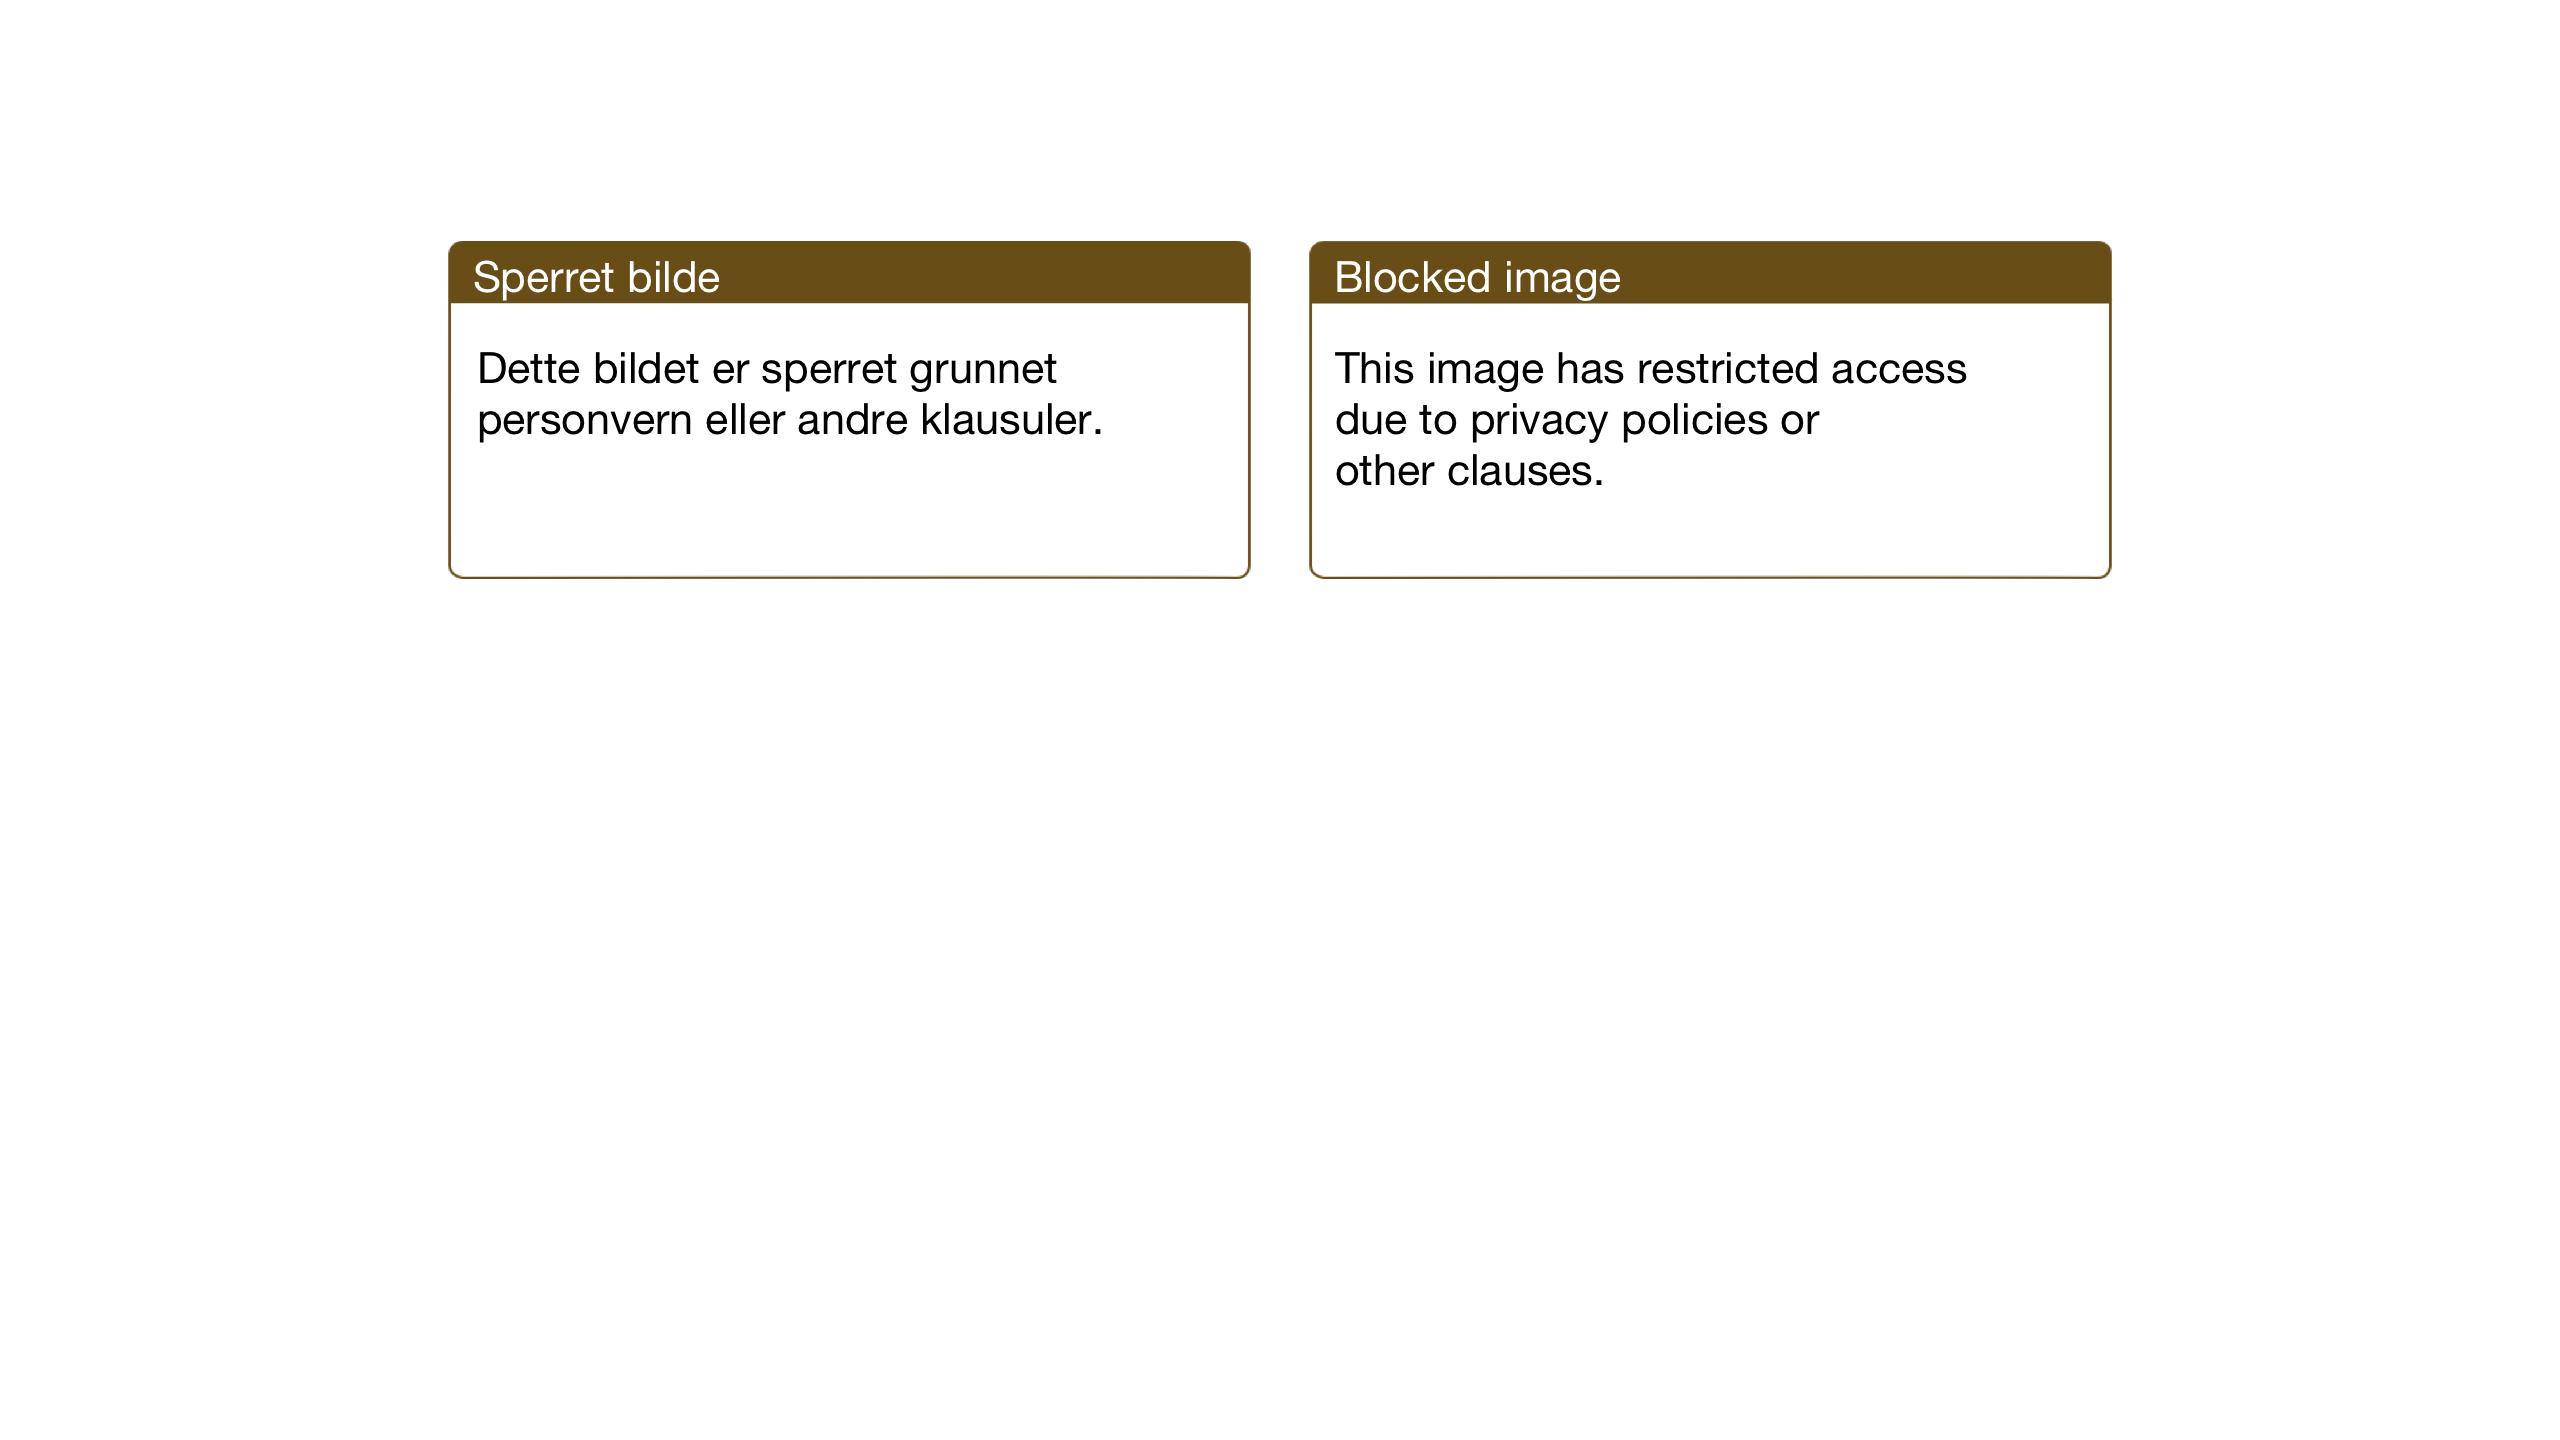 SAT, Ministerialprotokoller, klokkerbøker og fødselsregistre - Sør-Trøndelag, 670/L0837: Klokkerbok nr. 670C01, 1905-1946, s. 150-151